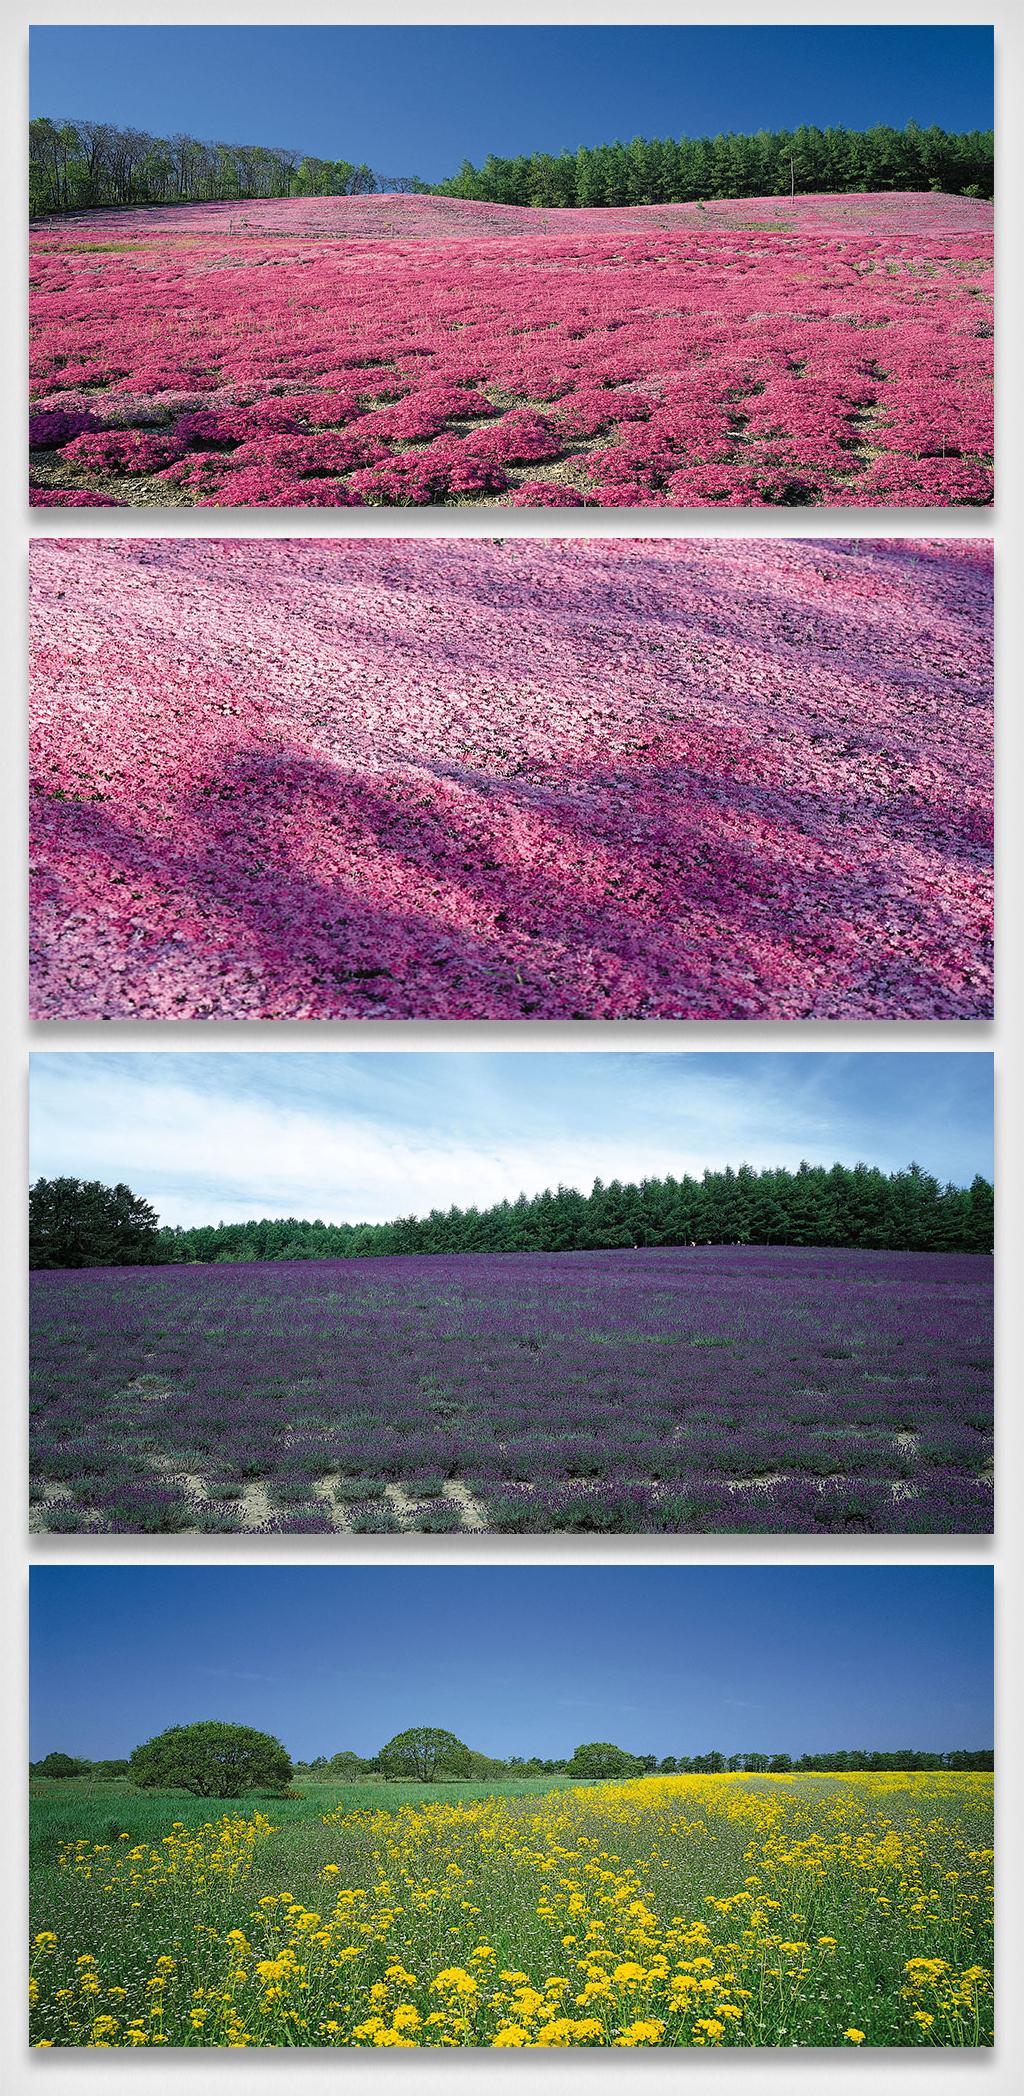 手机用图 创意配图 自然风景 > 大自然山水风景背景图   图片编号:274